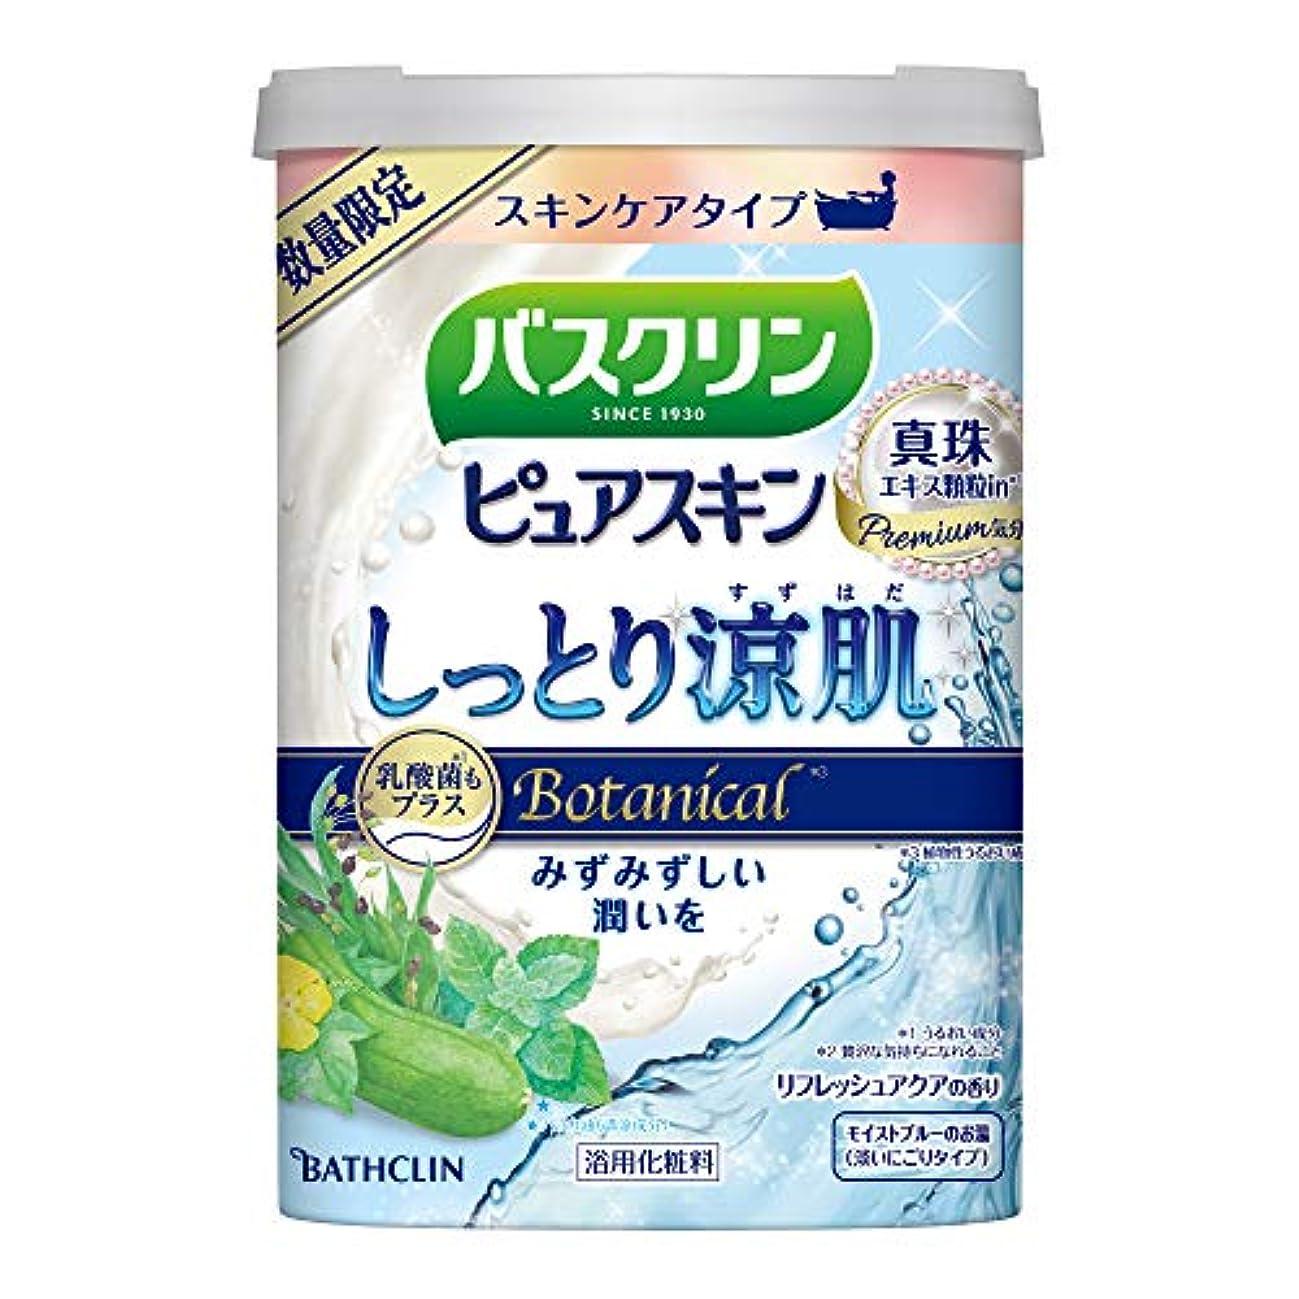 まぶしさ成功見捨てられた【数量限定品】バスクリンピュアスキン入浴剤 しっとり涼肌600g(約30回分) スキンケアにごりタイプ 保湿